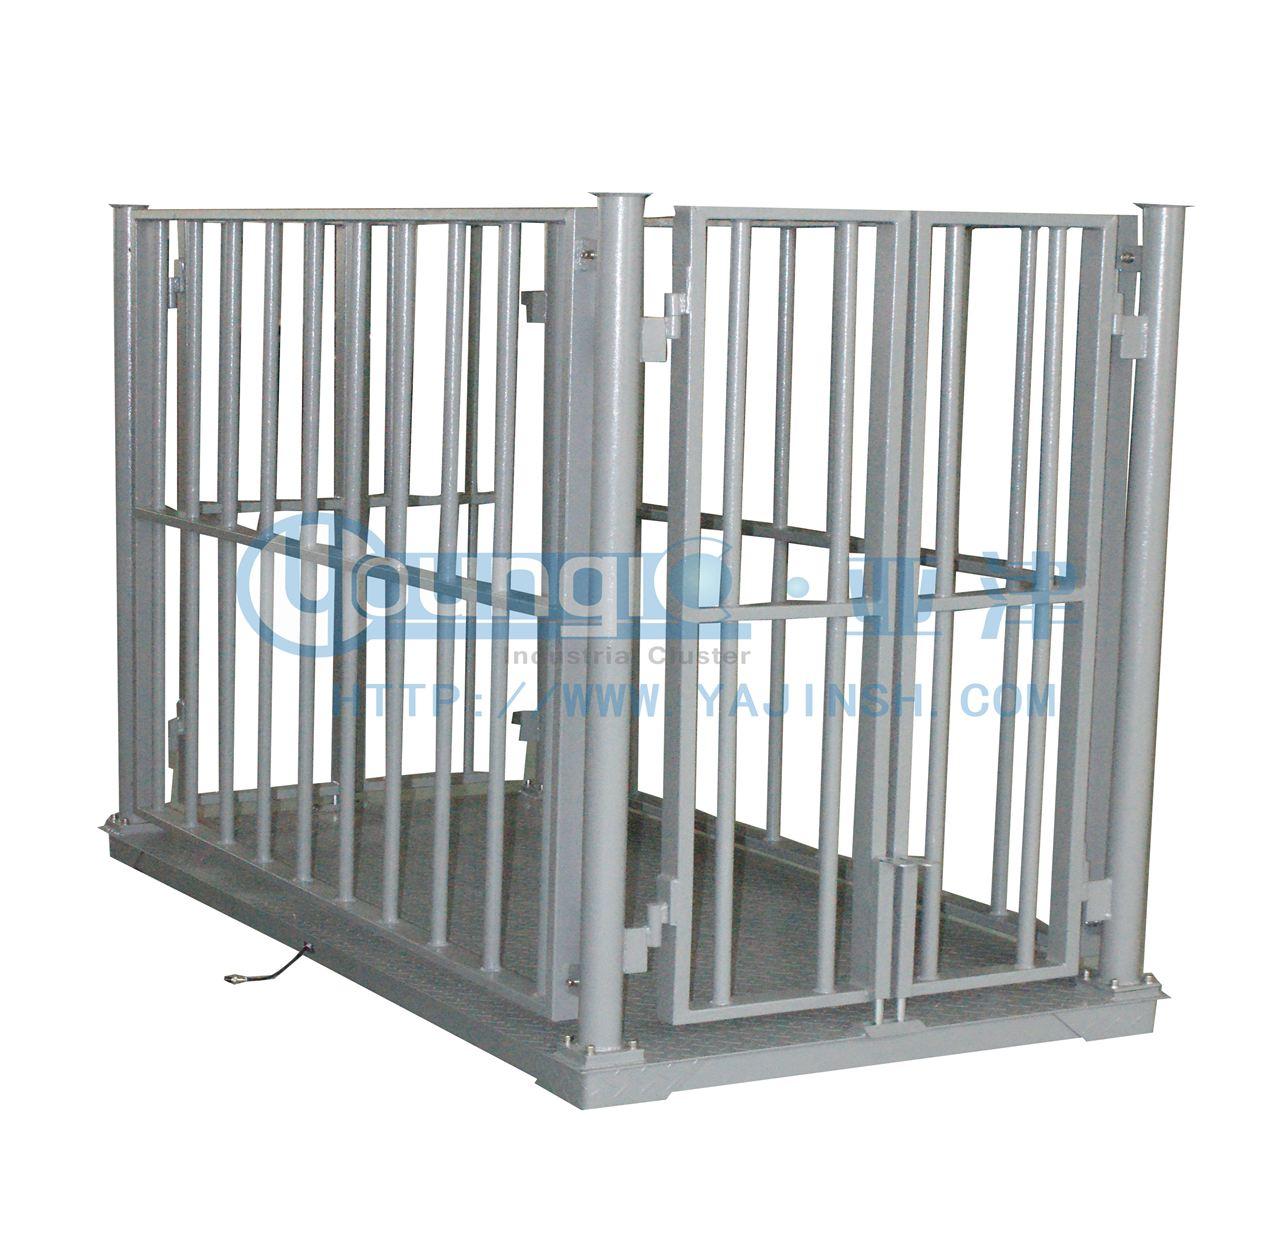 供应亚津碳钢牲畜秤 大量程动物专用地磅秤